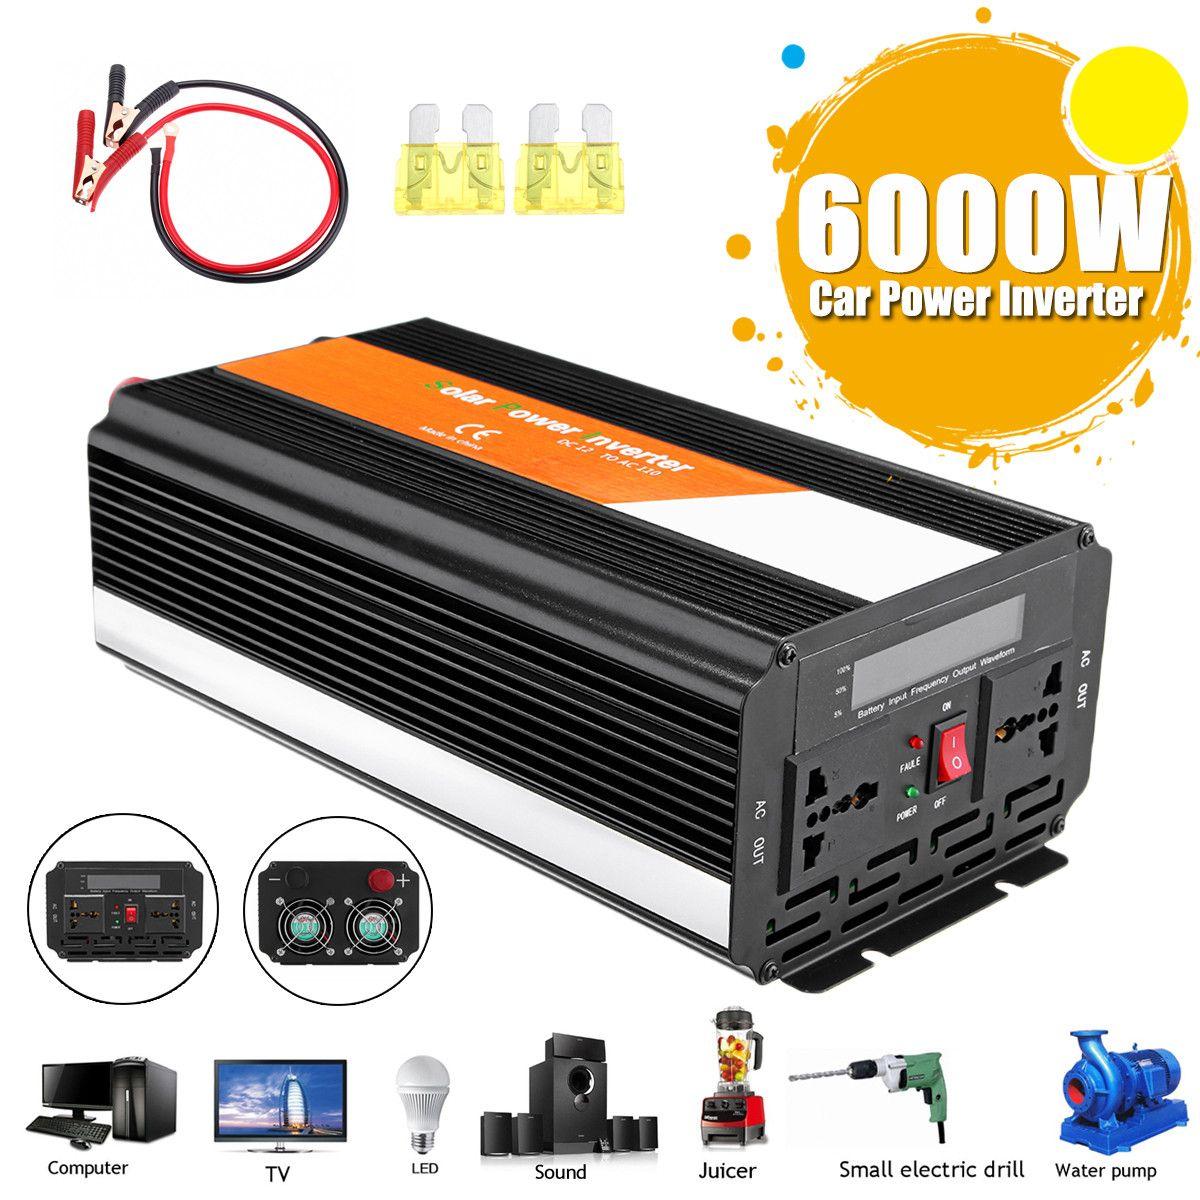 Voltage Transformer PEAK 6000W Car Inverter 12/24V To 220/110V Modified Sine Wave Converter Fuse High Efficiency Automotive